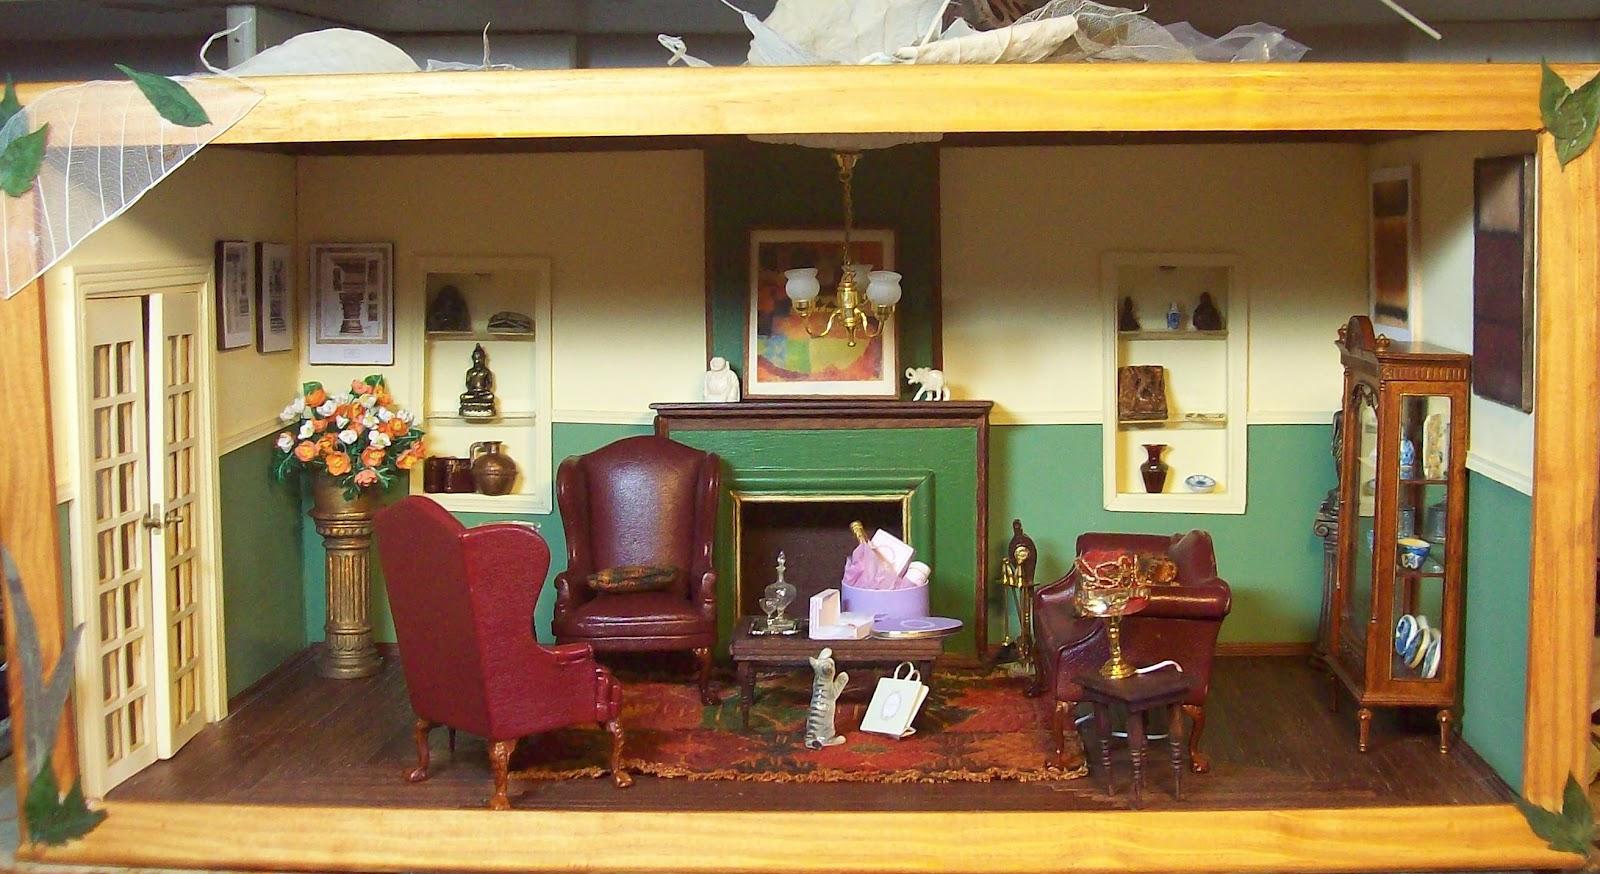 Construir tu casa en miniatura febrero 2012 - Como hacer casas en miniatura ...